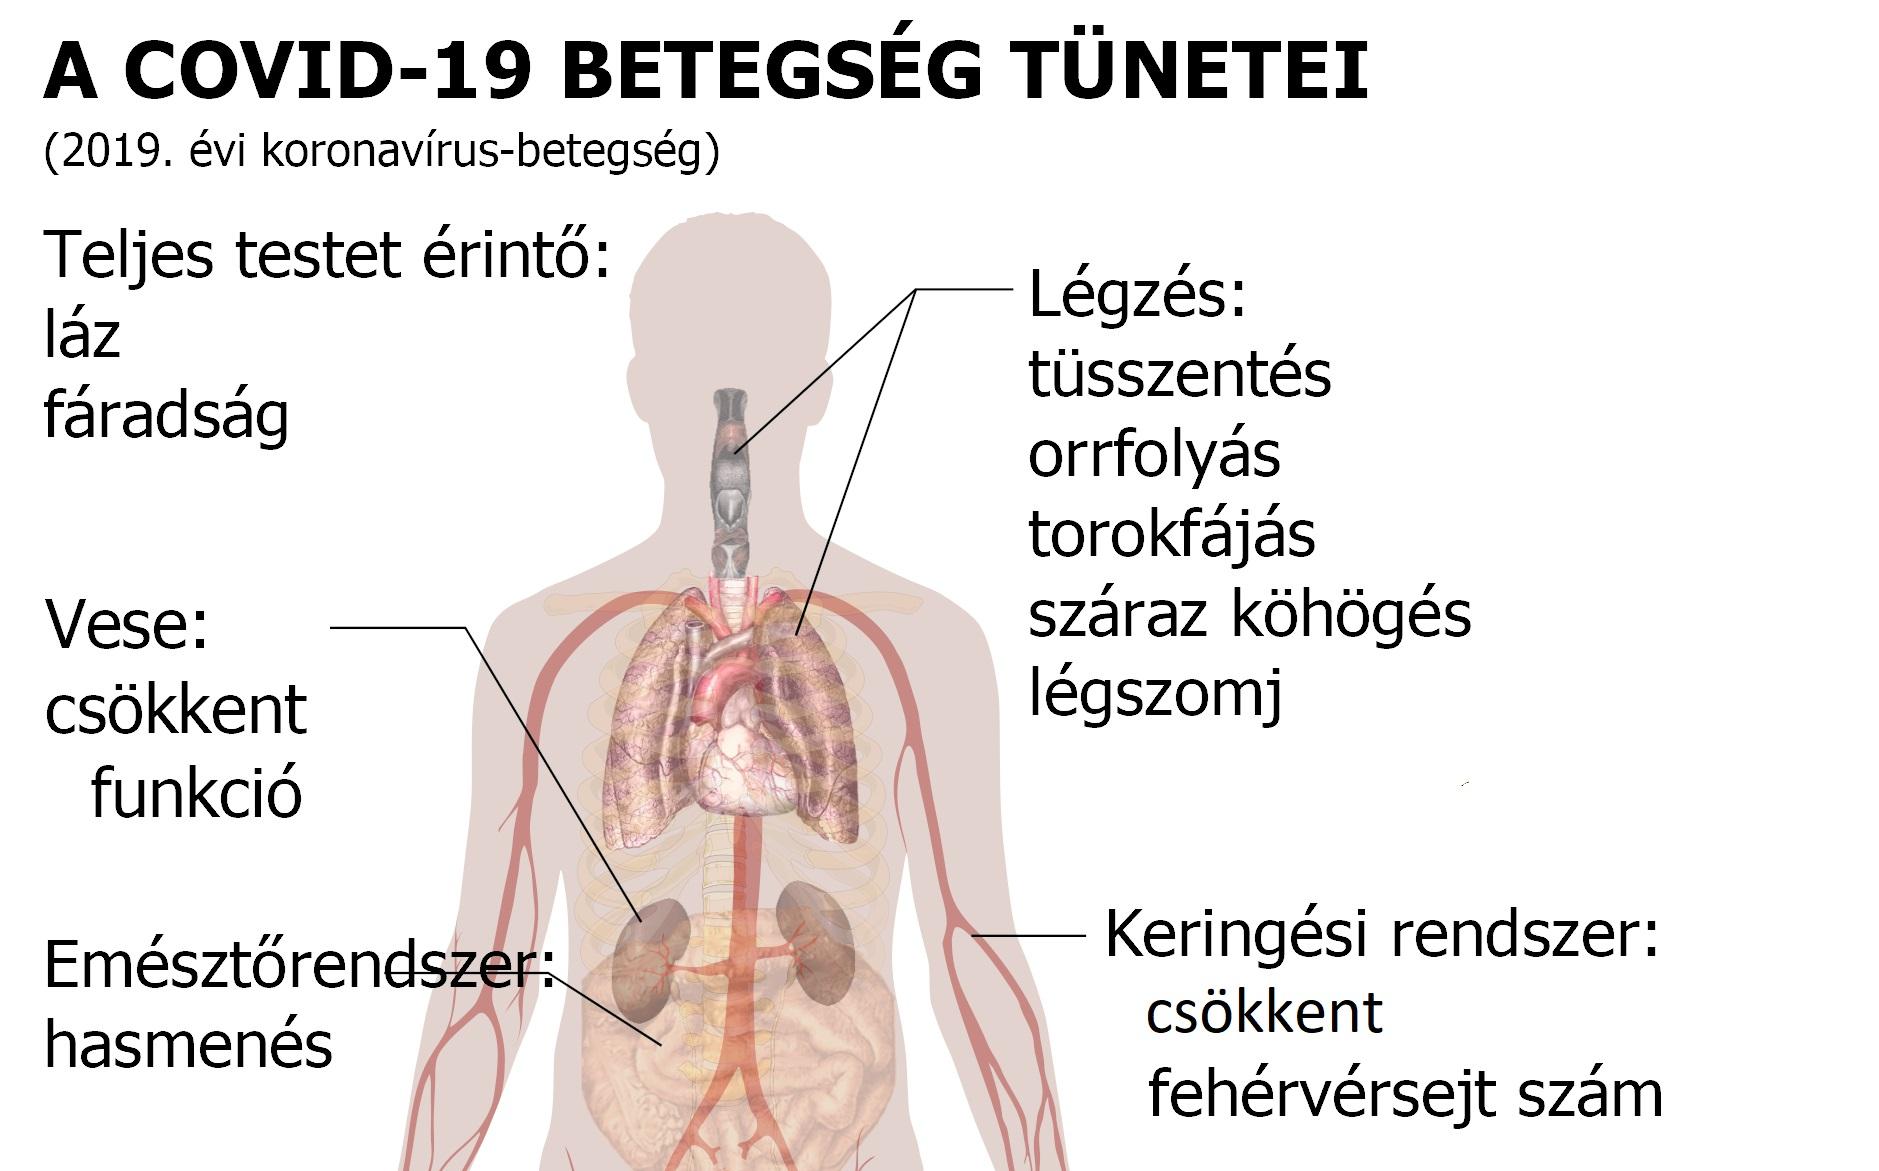 magas vérnyomás kezelése magnézium b6 férfi magas vérnyomás 40 éves